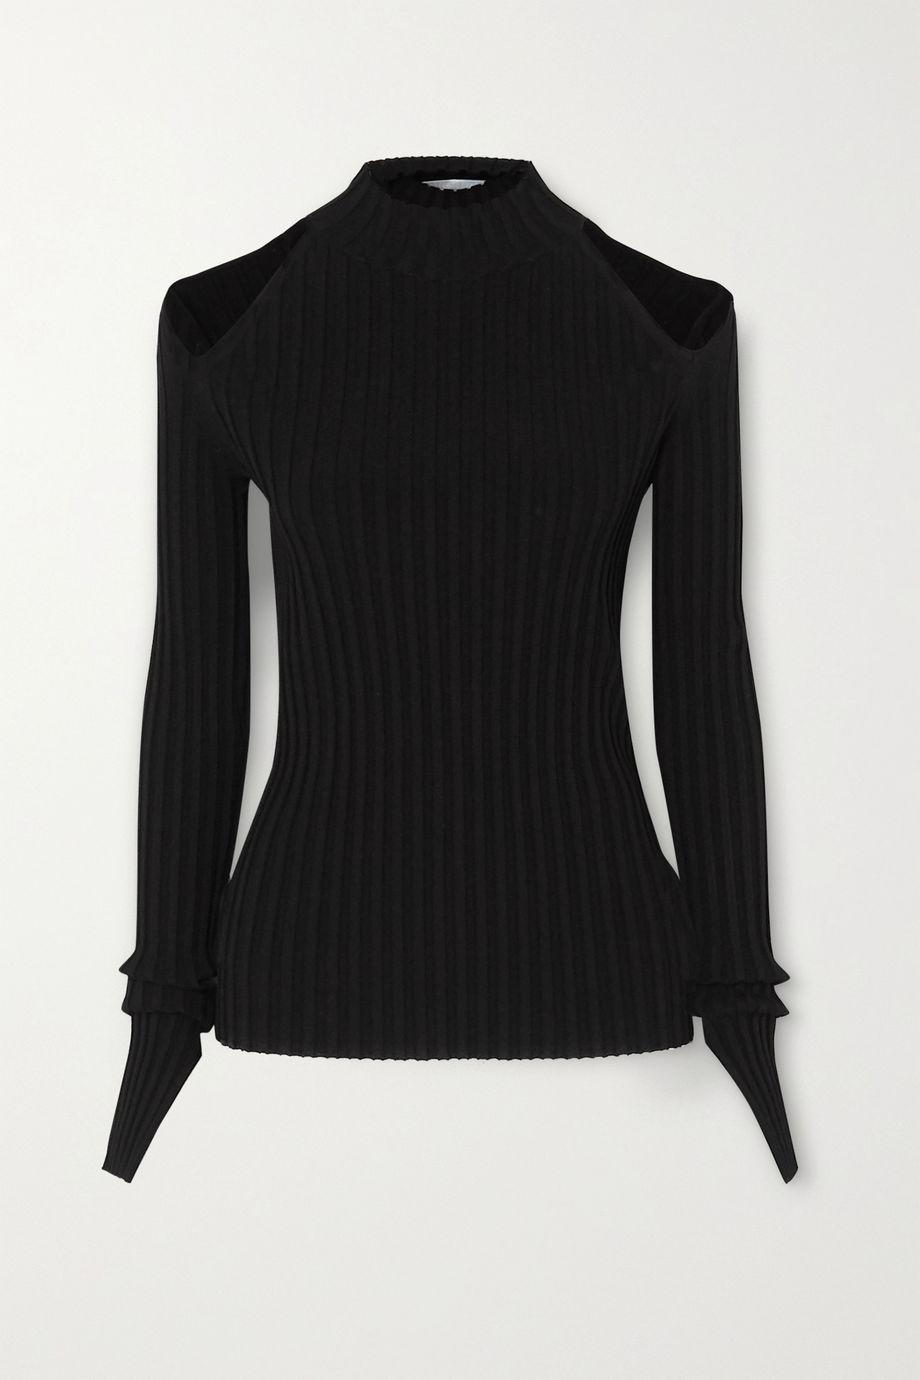 Helmut Lang Cutout ribbed-knit top